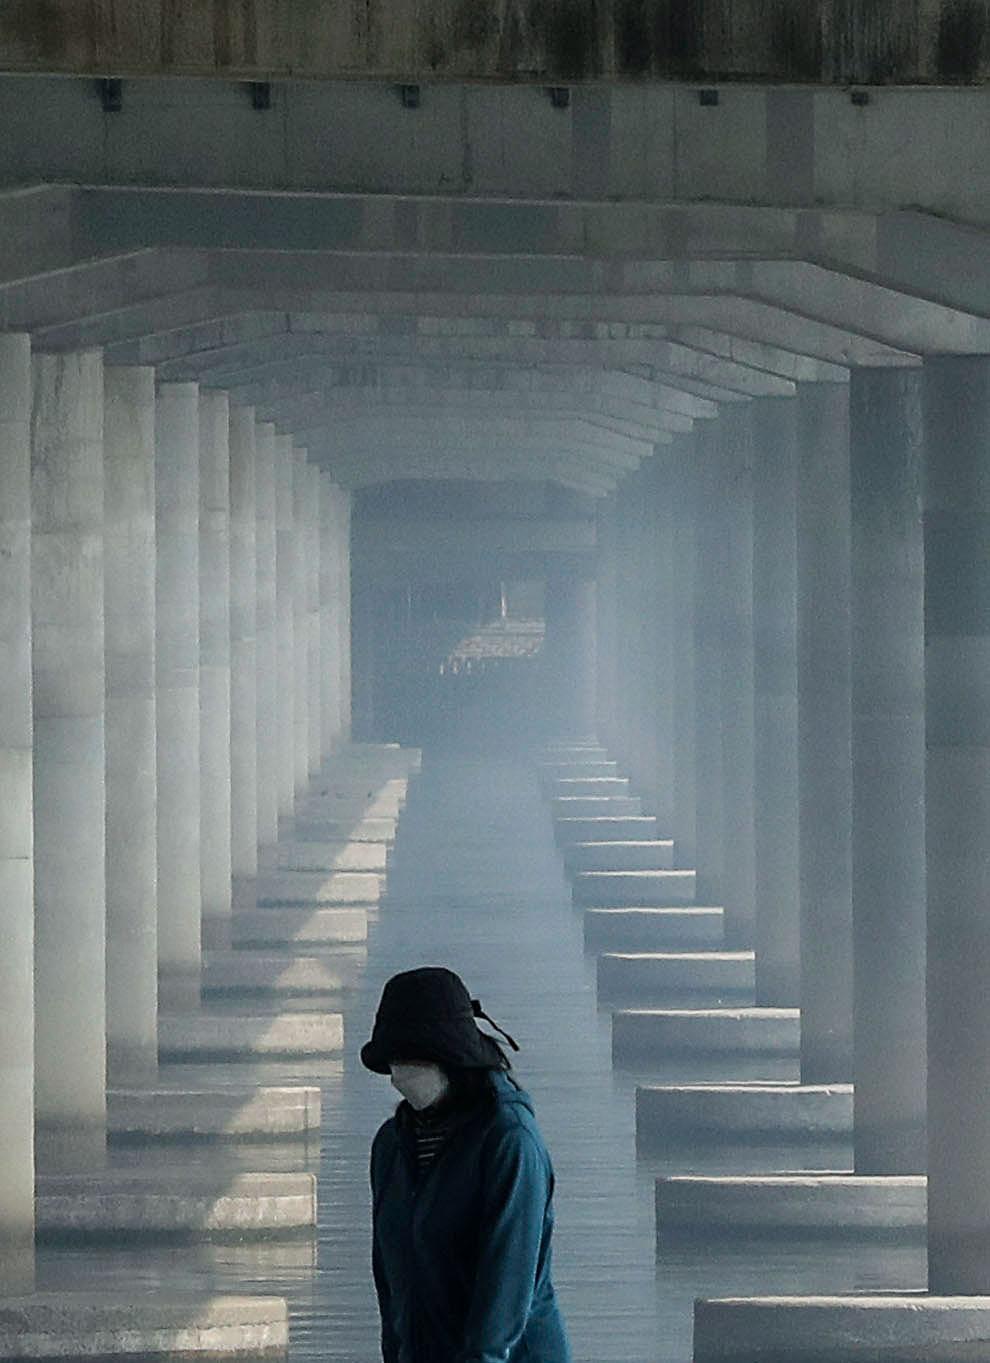 수도권에 올봄 첫 미세먼지 비상저감조치가 시행된 11일 한 시민이 서울 여의도 한강공원을 걷고 있다. 마포대교 교각 아래가 미세먼지로 뿌옇다. 김성룡 기자